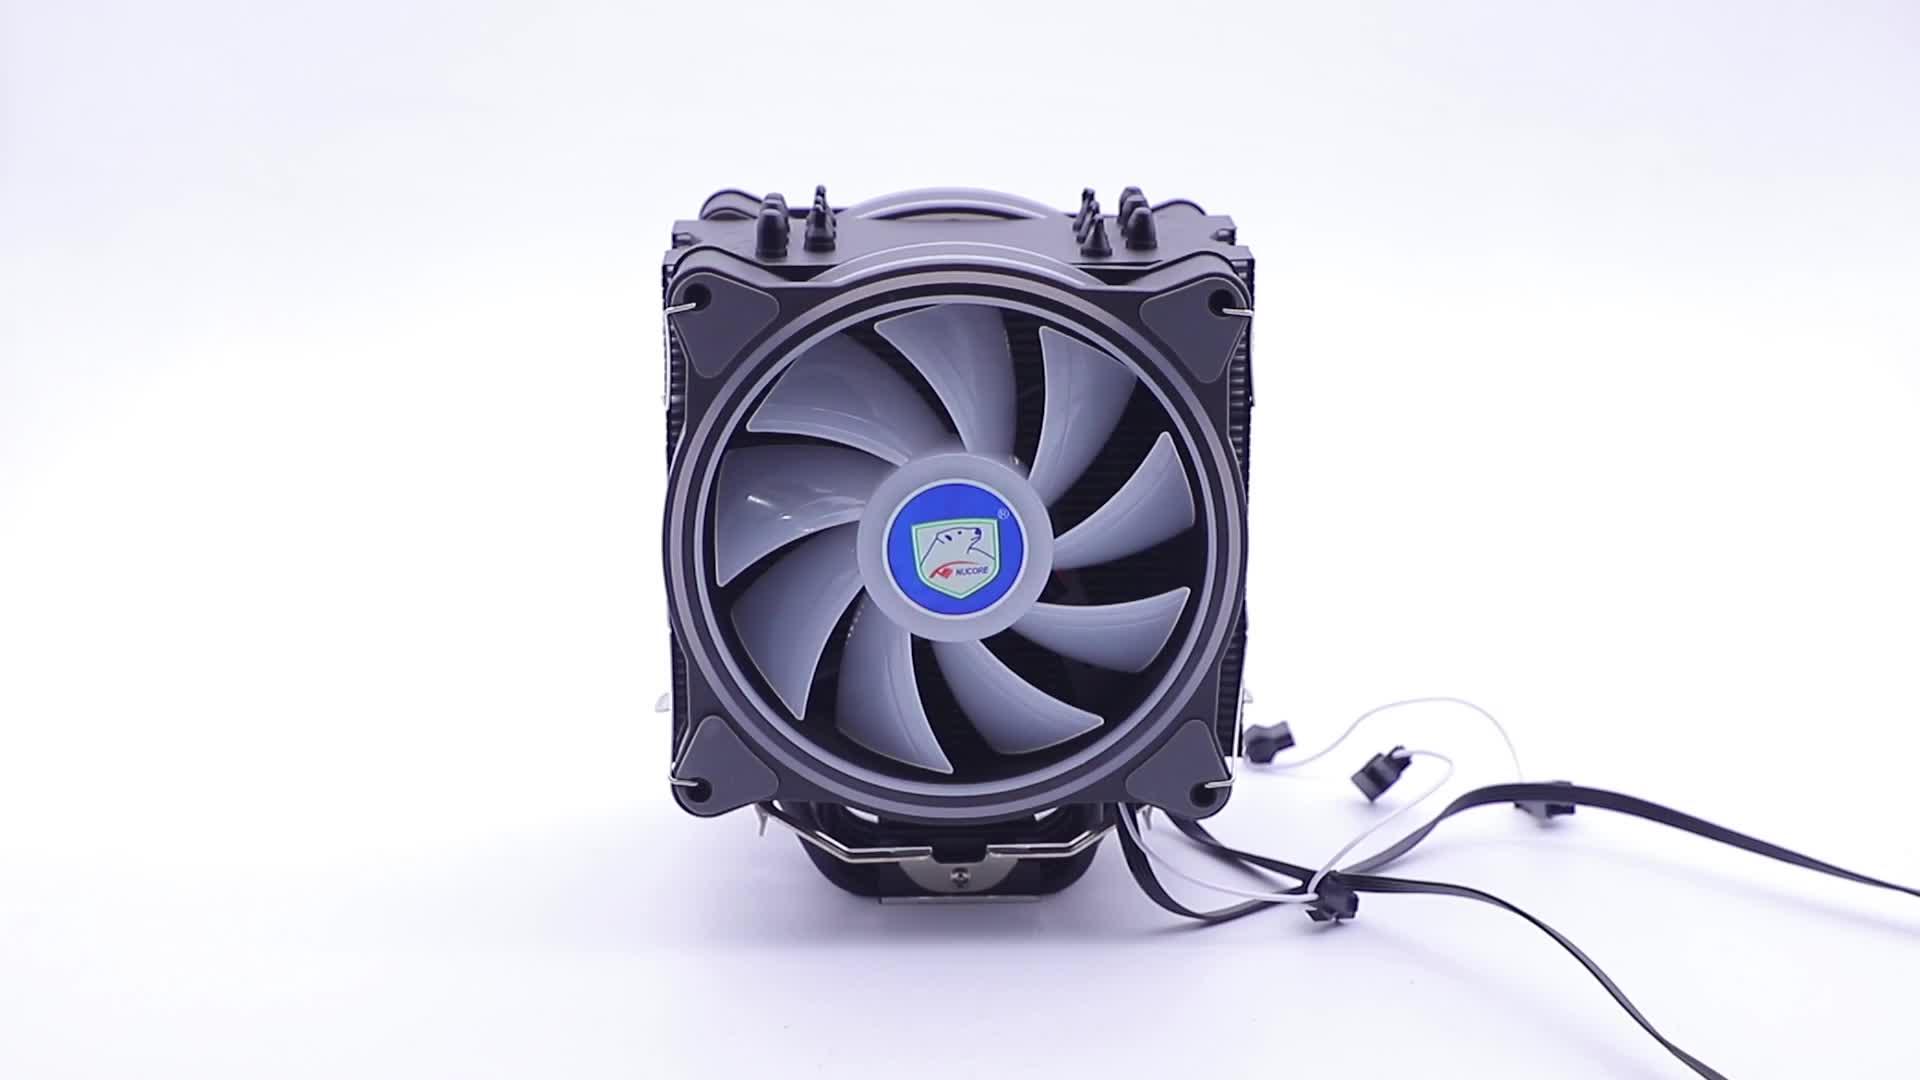 Cao 4pin Rgb Intel Và Amd 120 Mm Trường Hợp 6 Heatpie Cpu Cooler Với Đôi Rgb Làm Mát Pwm Fan